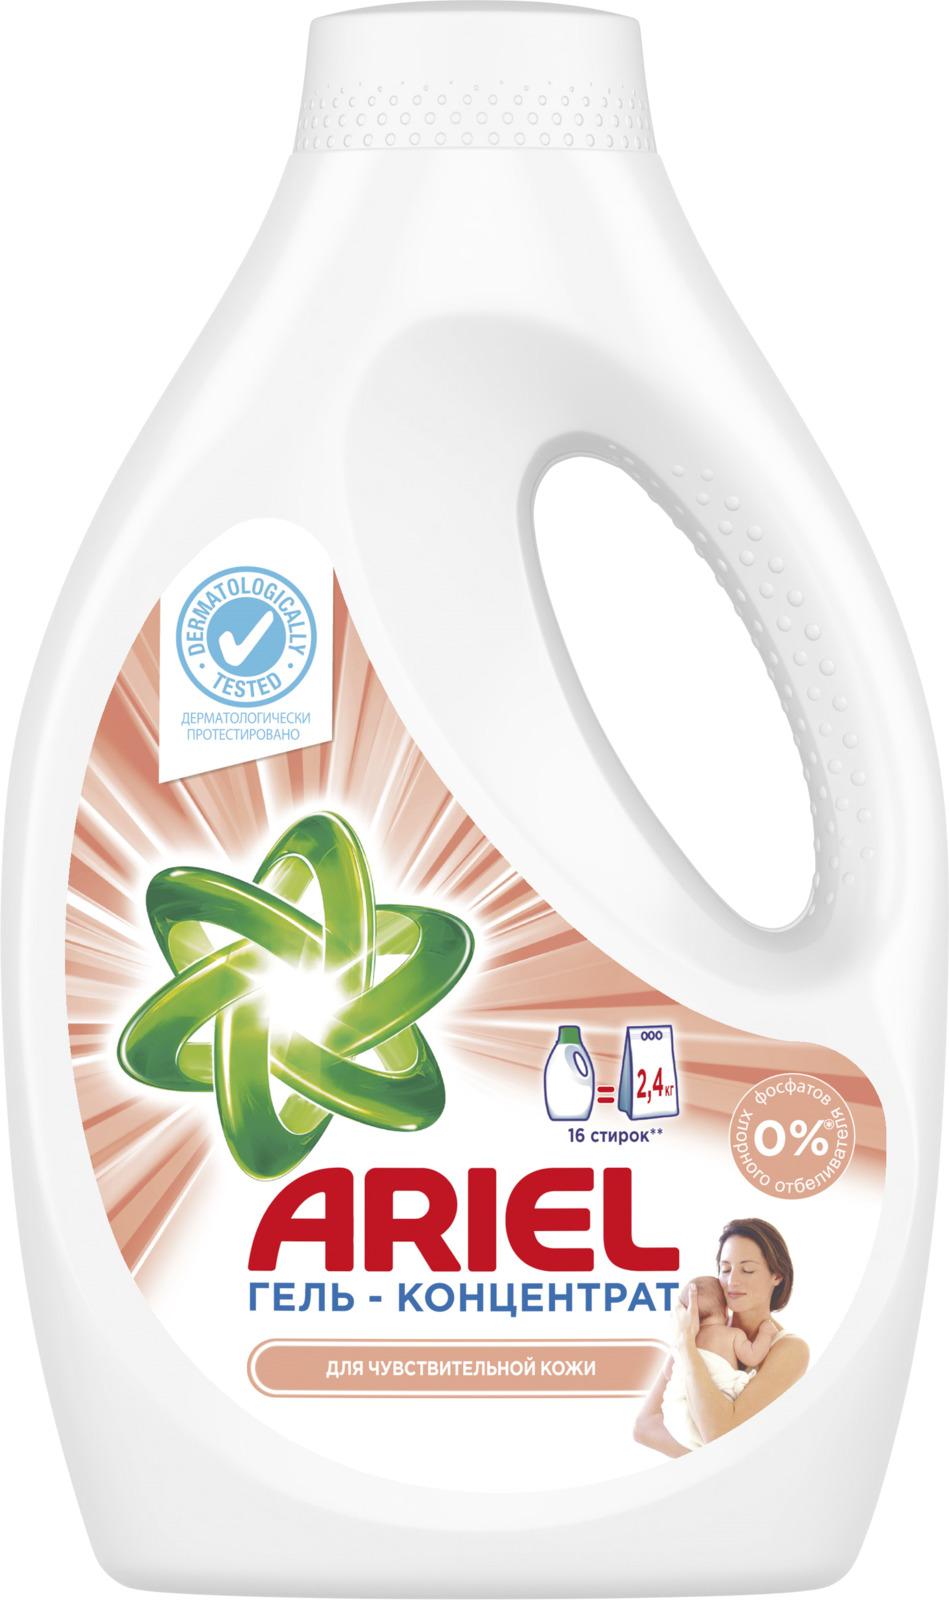 Жидкий стиральный порошок Ariel, для чувствительной кожи, 1,04 л жидкий стиральный порошок ariel для чувствительной кожи 1 3 л